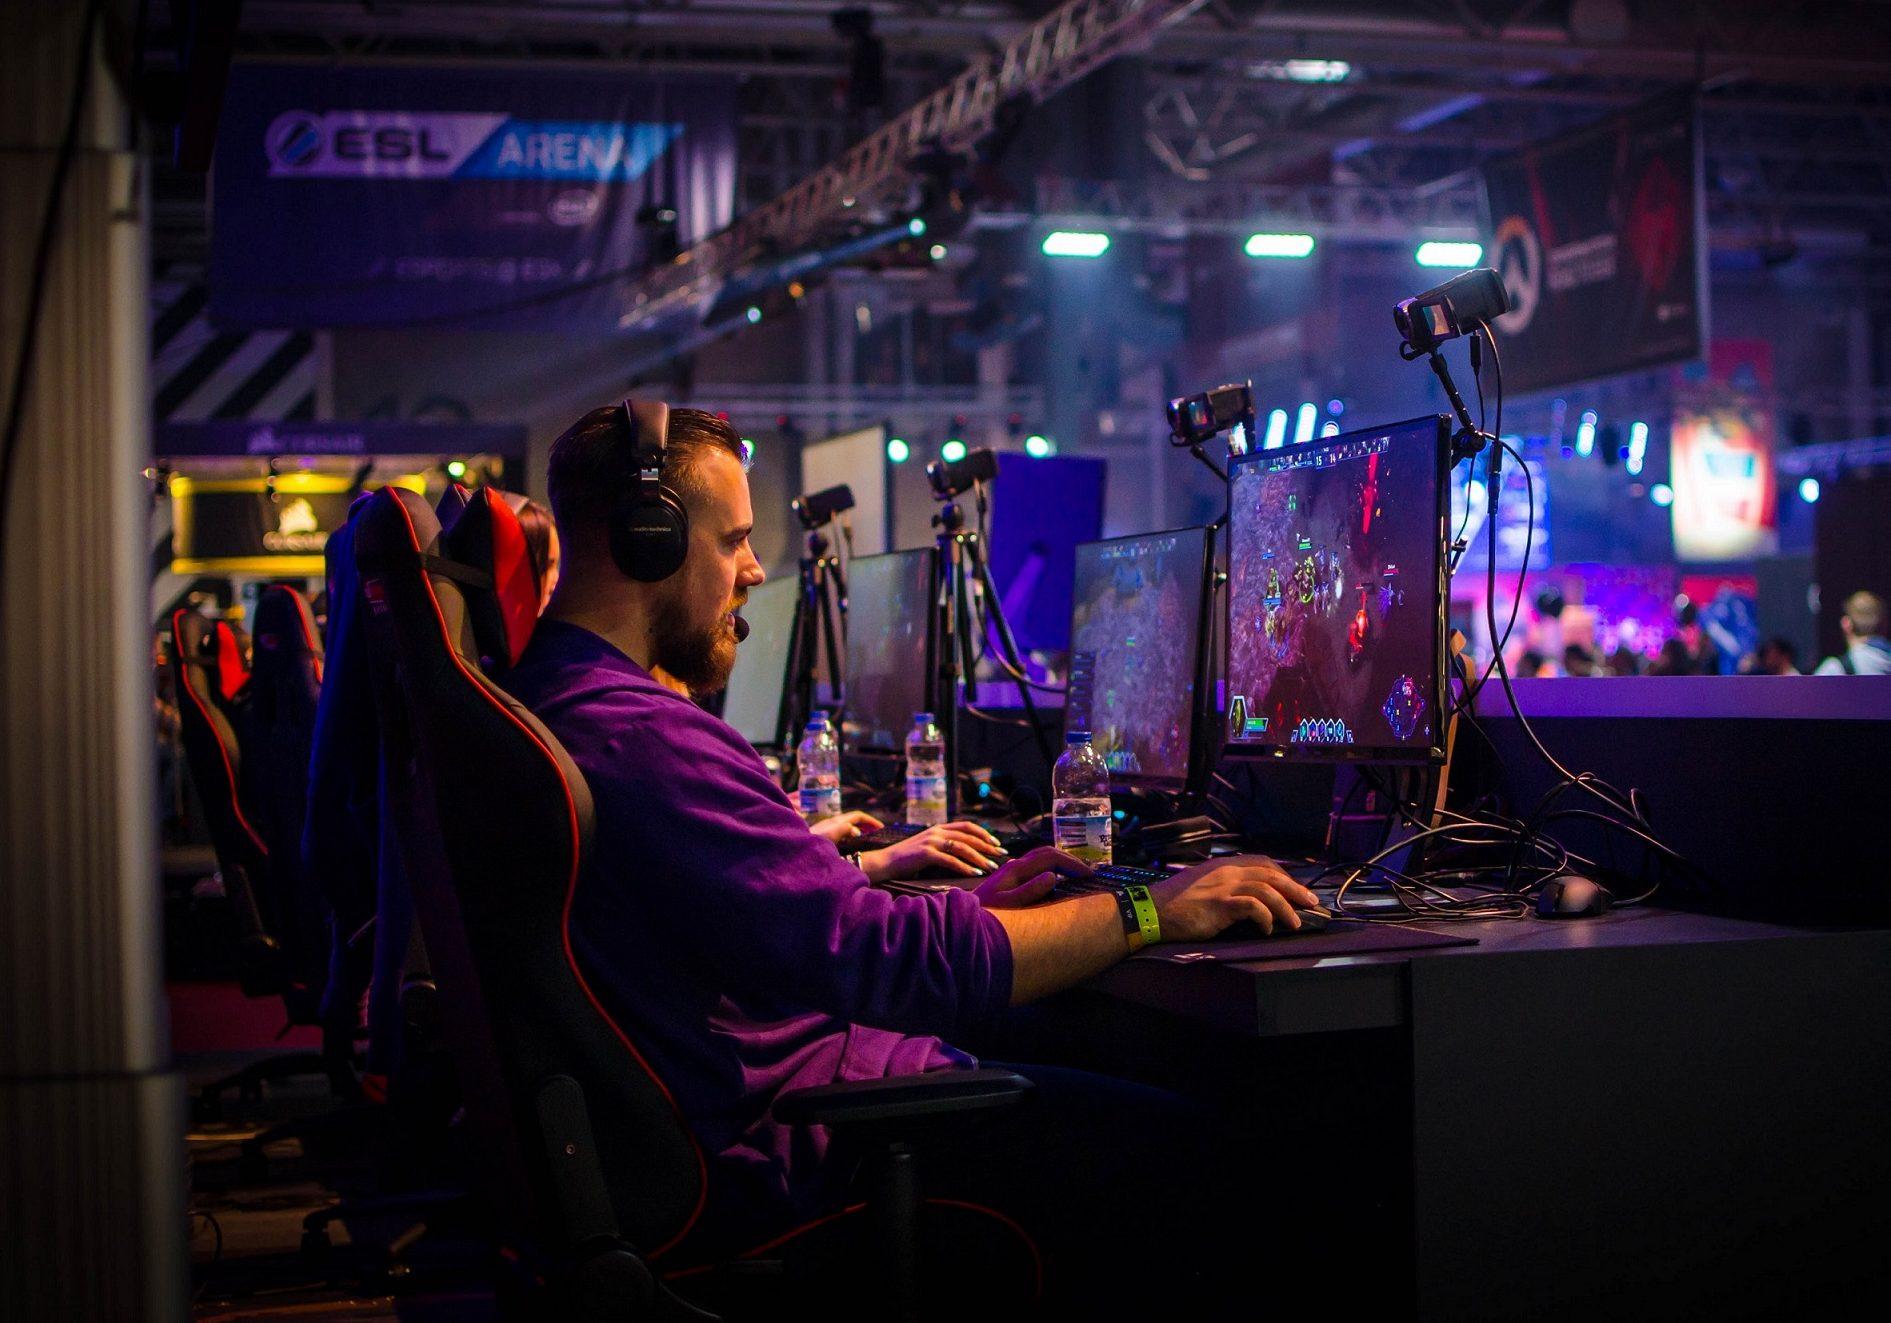 دبي تستضيف مهرجان إنسومنيا للألعاب الإلكترونية